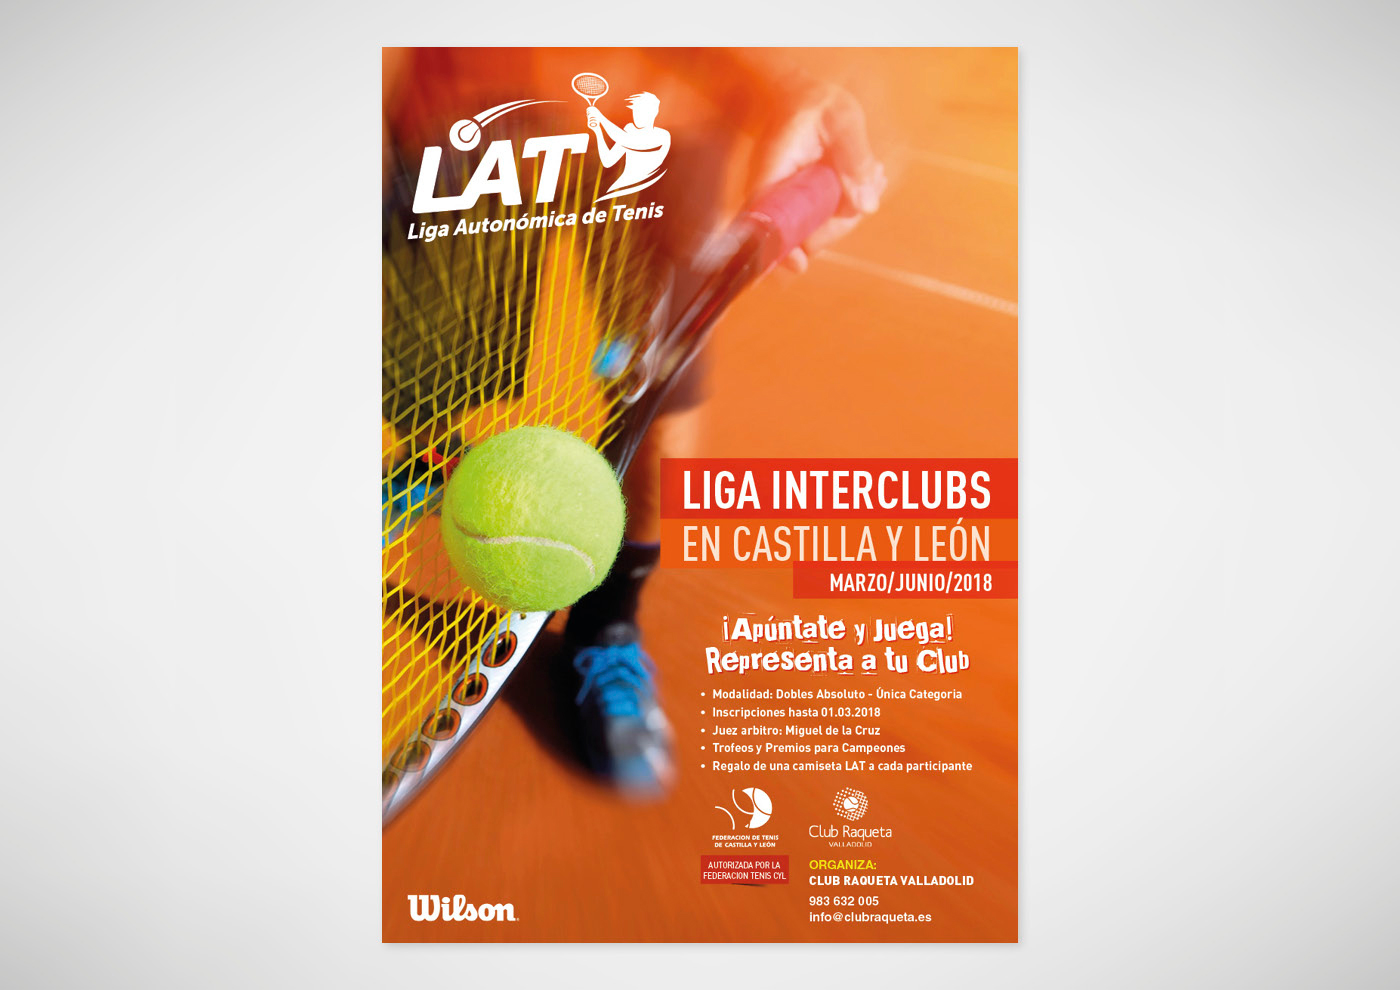 Liga Autonómica de Tenis - 2018 - Cartel - Ivan Diez